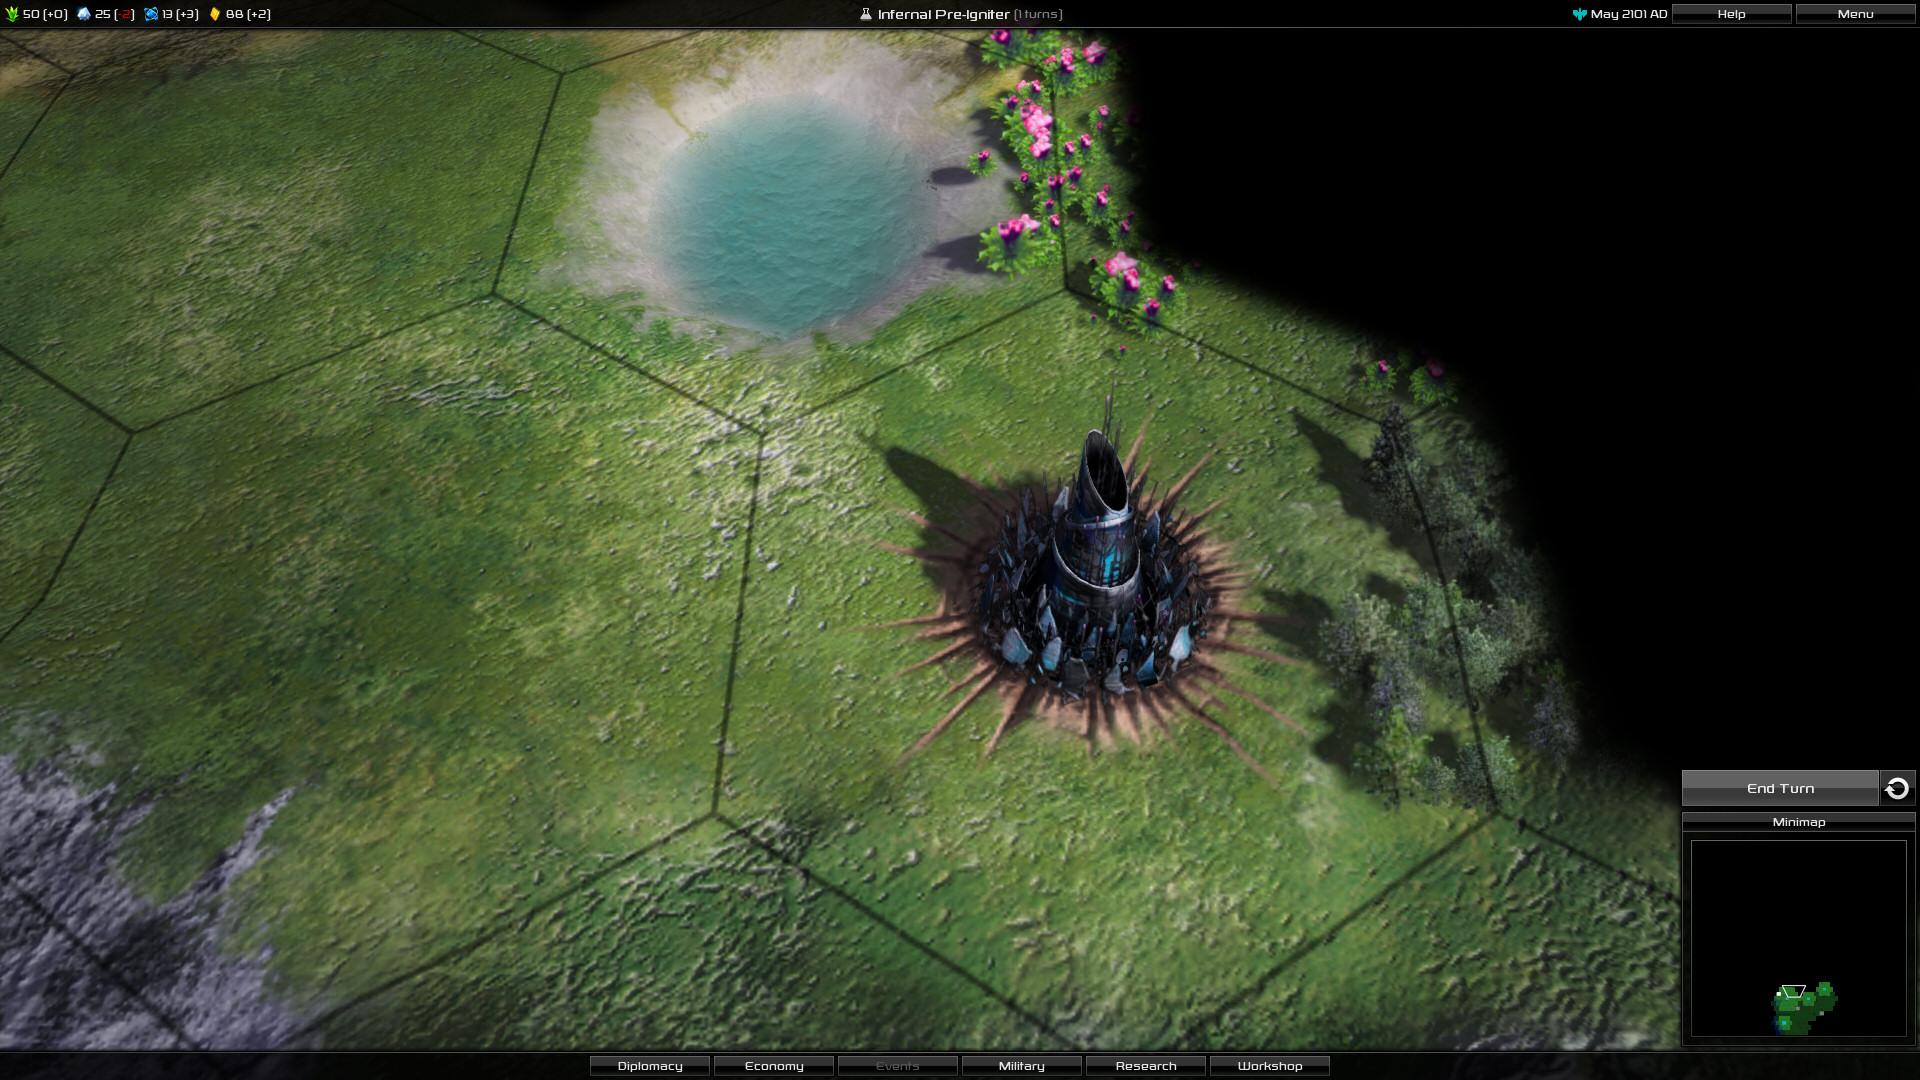 pandora_first_contact_ruins_large1.jpg